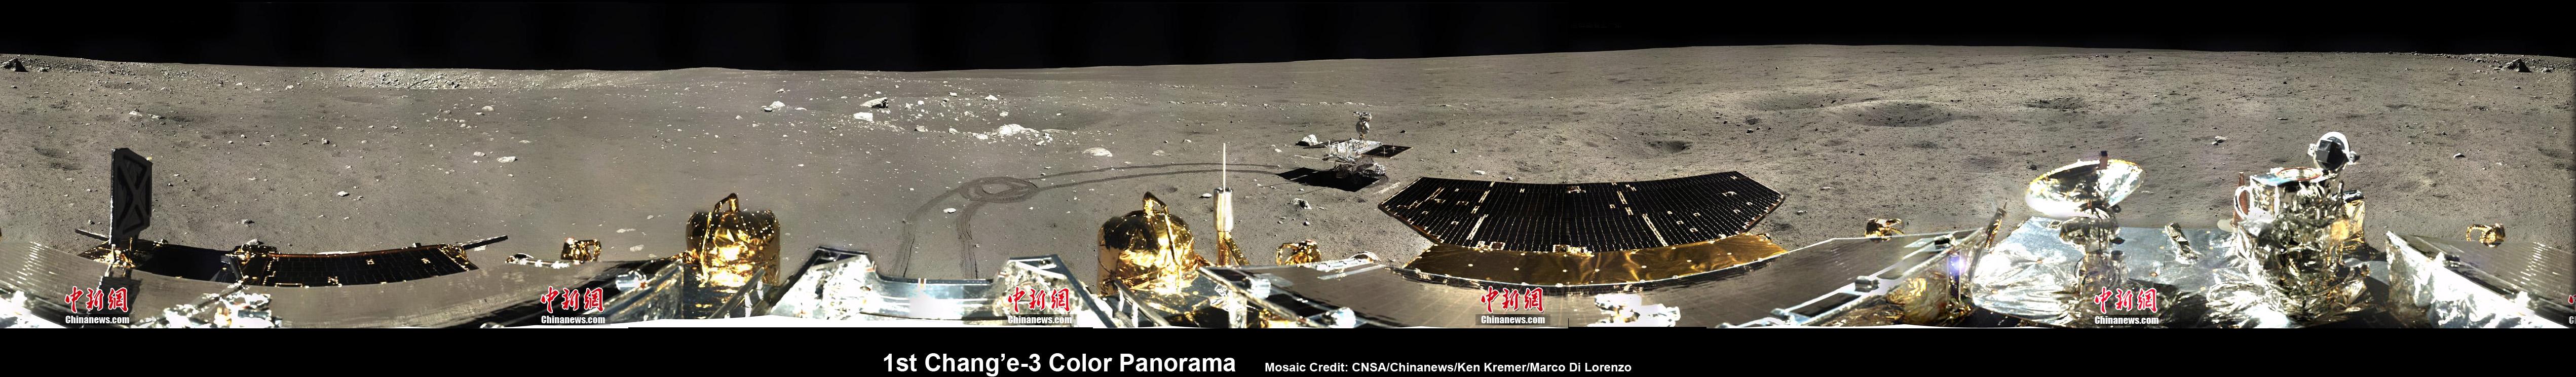 Панорама Луны